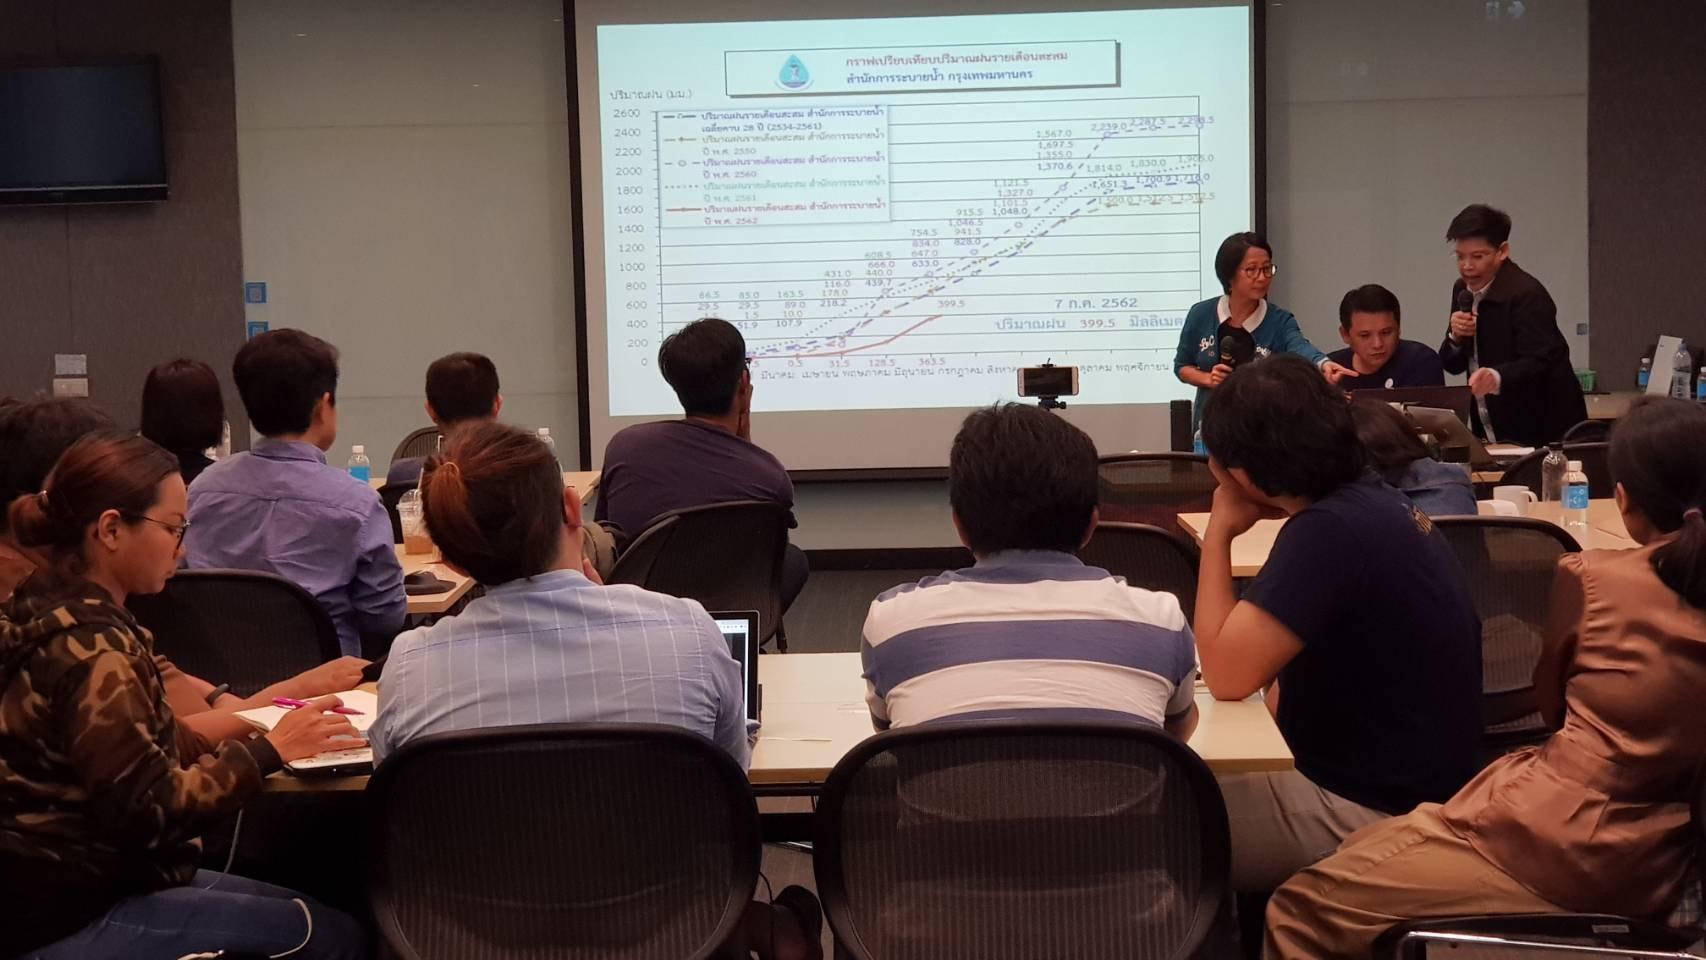 ทำข่าวเชิงข้อมูลในไทยยังยาก 'ข้อมูลเปิด' กระจัดกระจาย ภาครัฐมีแต่ไฟล์ PDF ยากประมวลผล